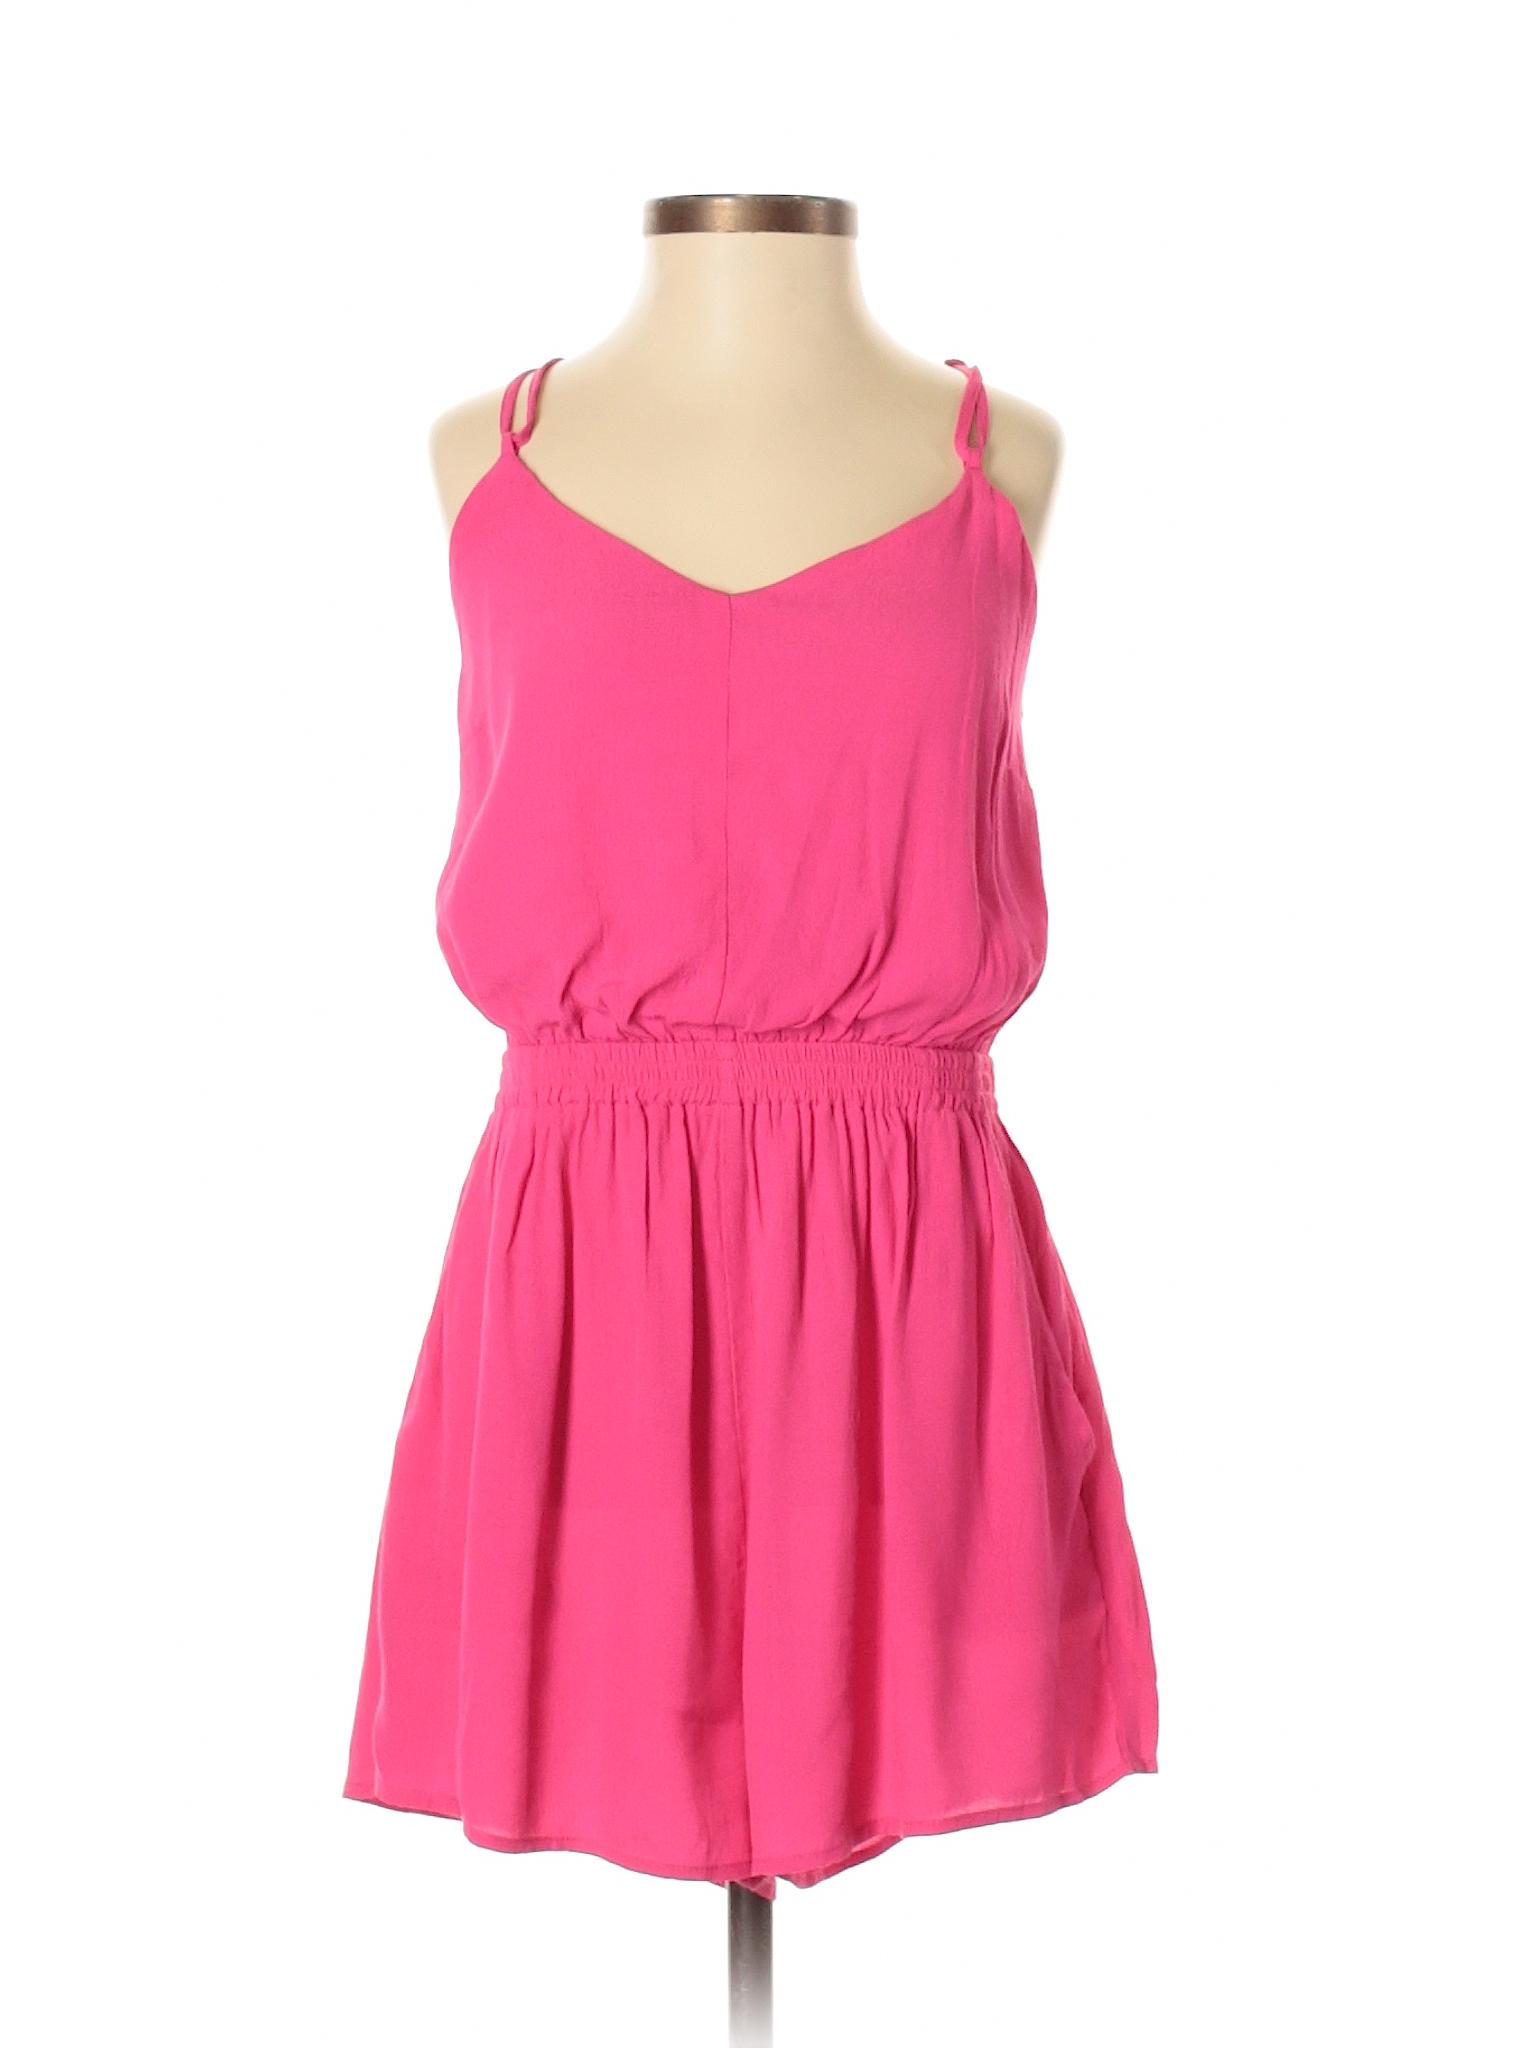 Boutique Mink Mink Romper Boutique Pink dTw0aF